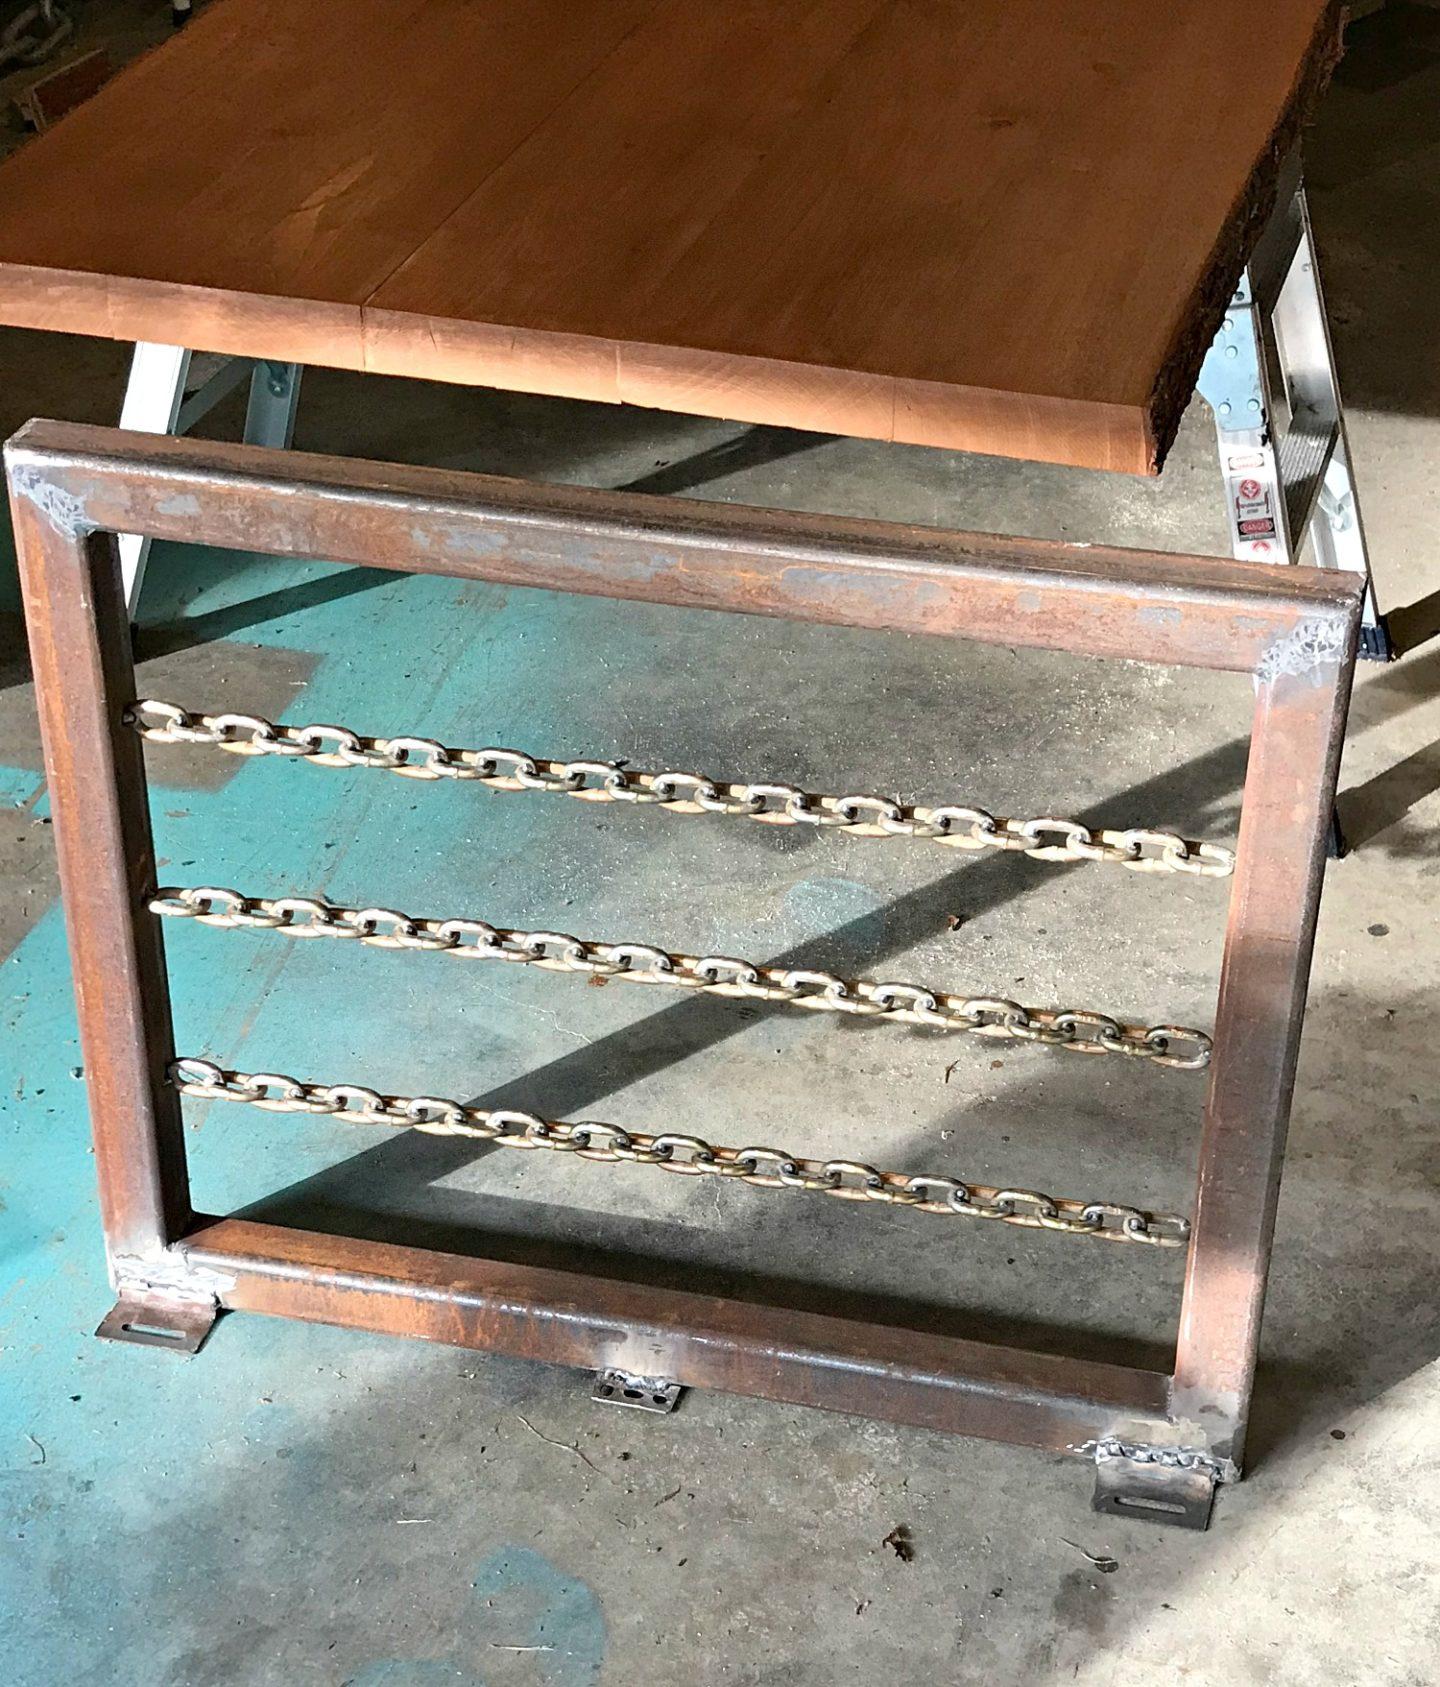 DIY Welded Chain Table Legs Tutorial